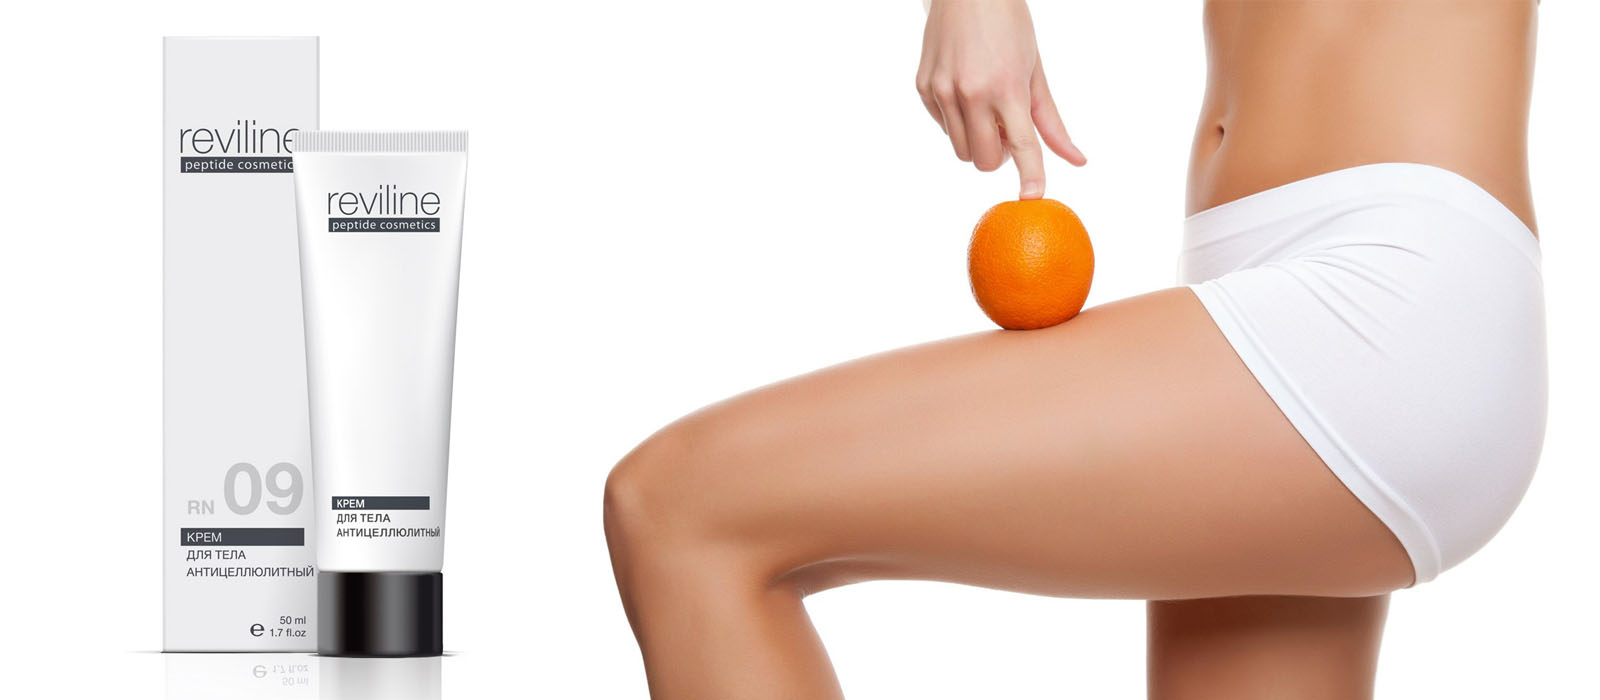 Комплекс Reviline ― косметика с натуральными пептидами для красоты ваших ног